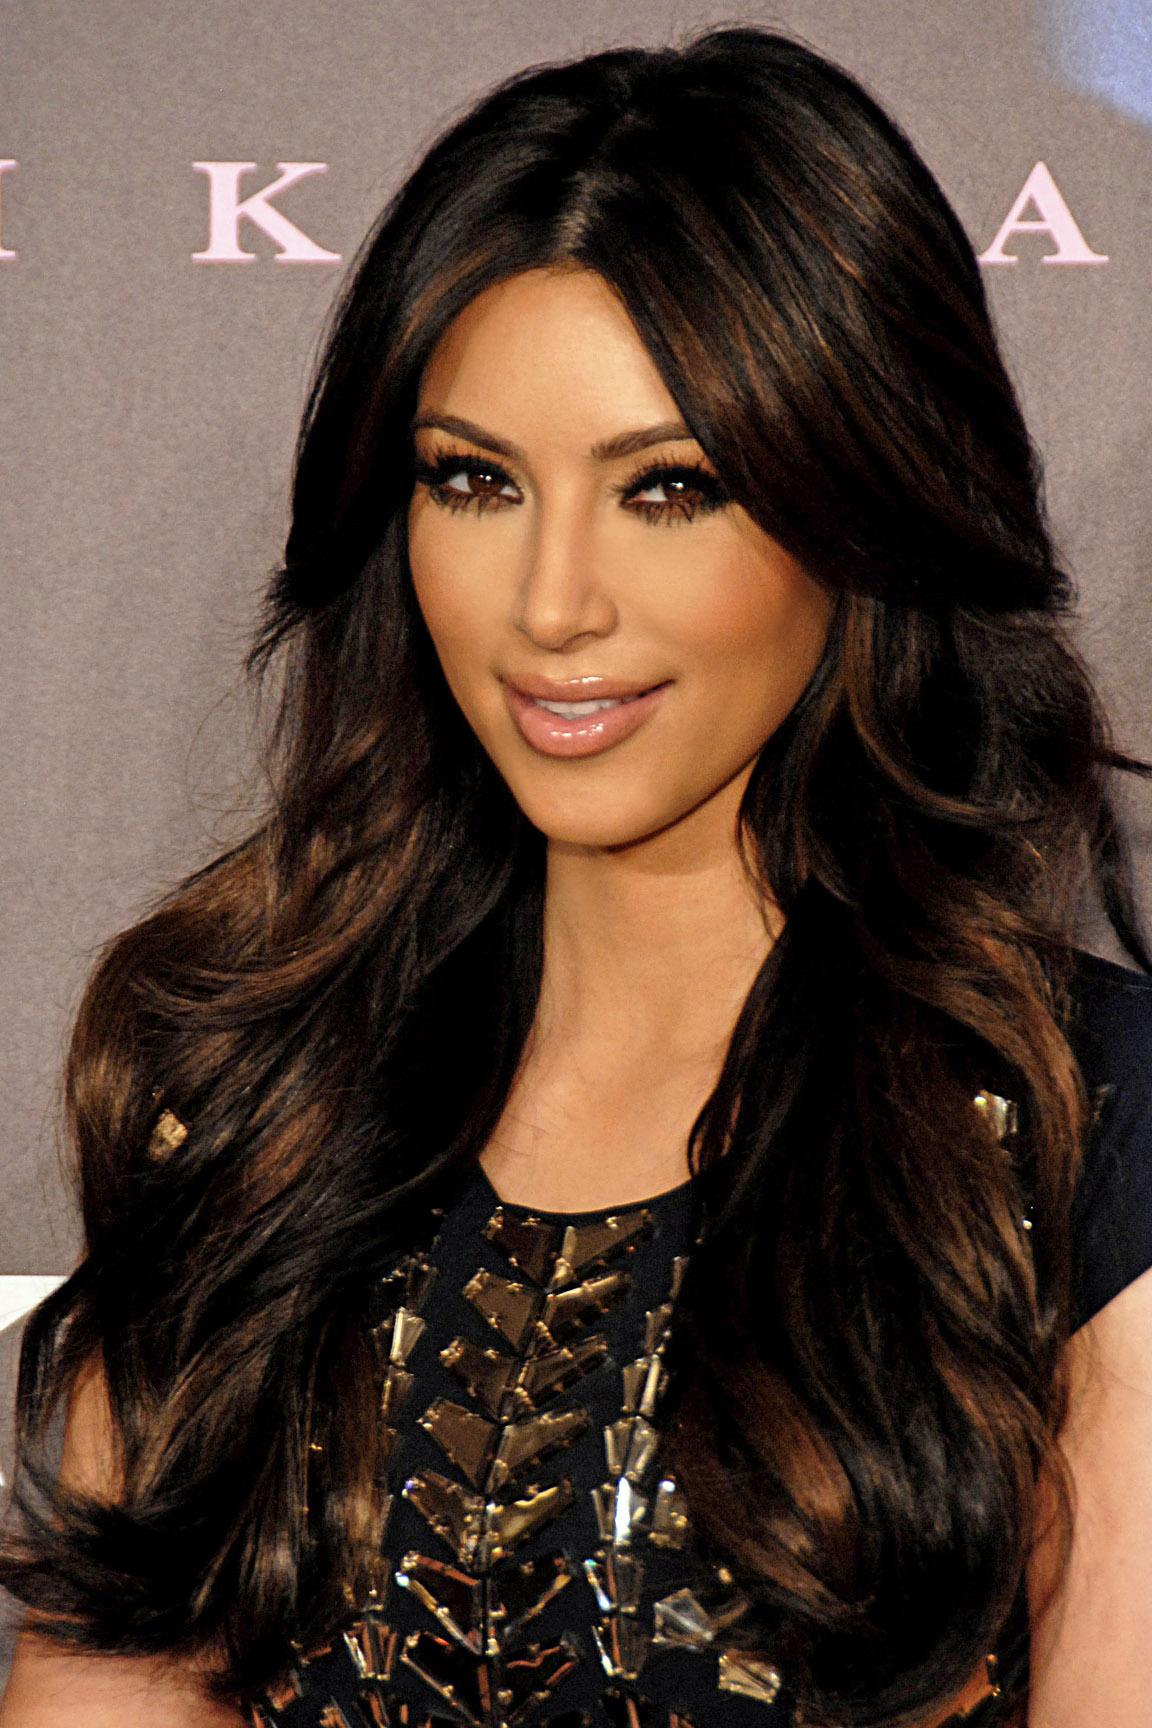 Kim_Kardashian_2011.jpg?profile=RESIZE_710x